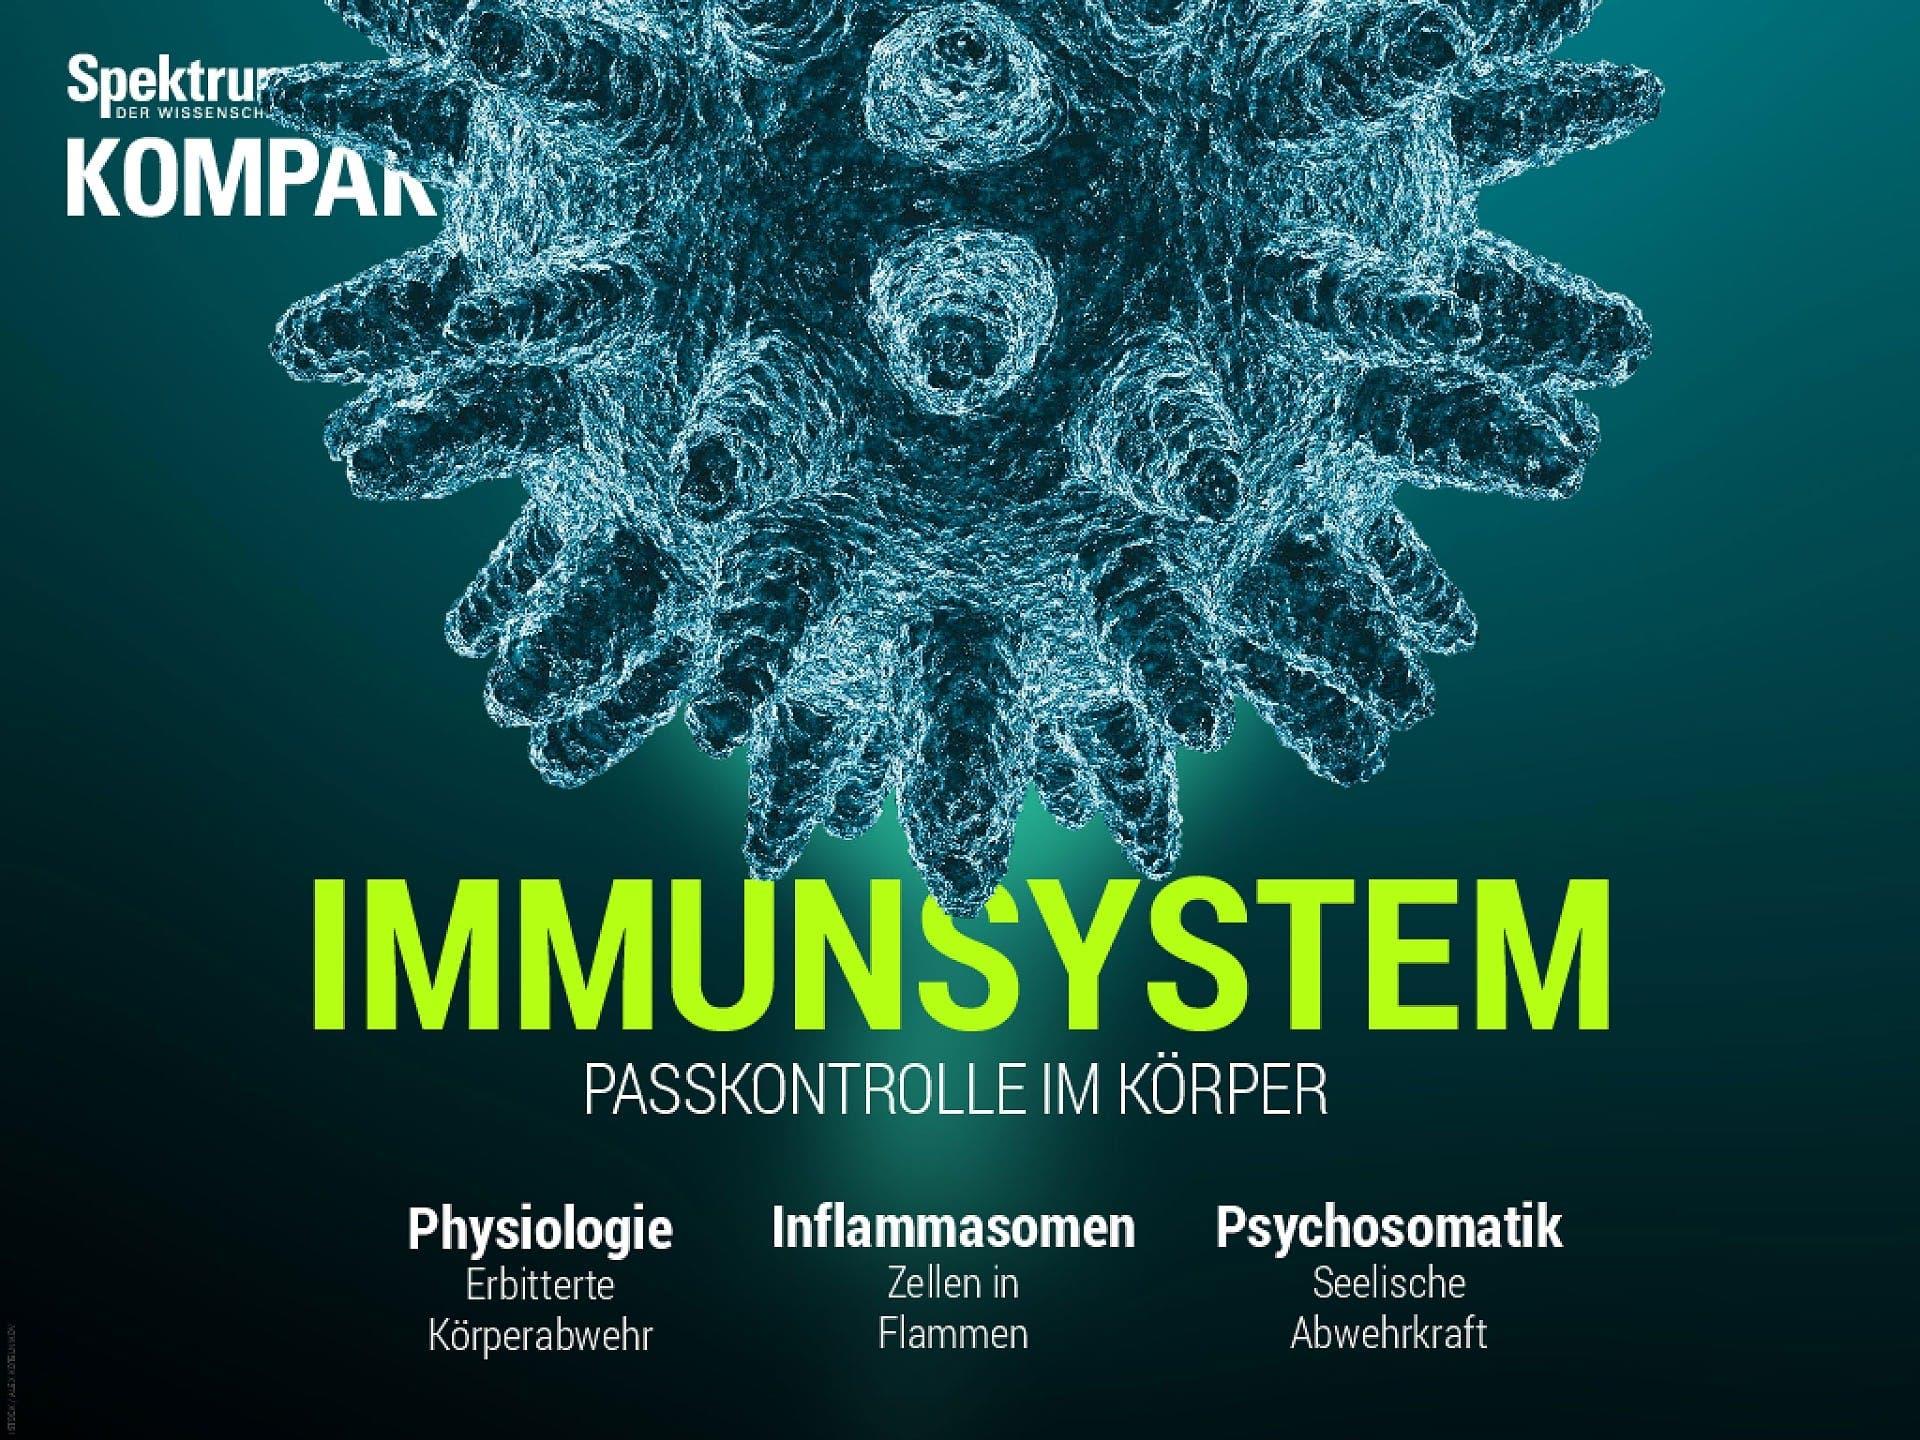 Immunsystem - Passkontrolle im Körper